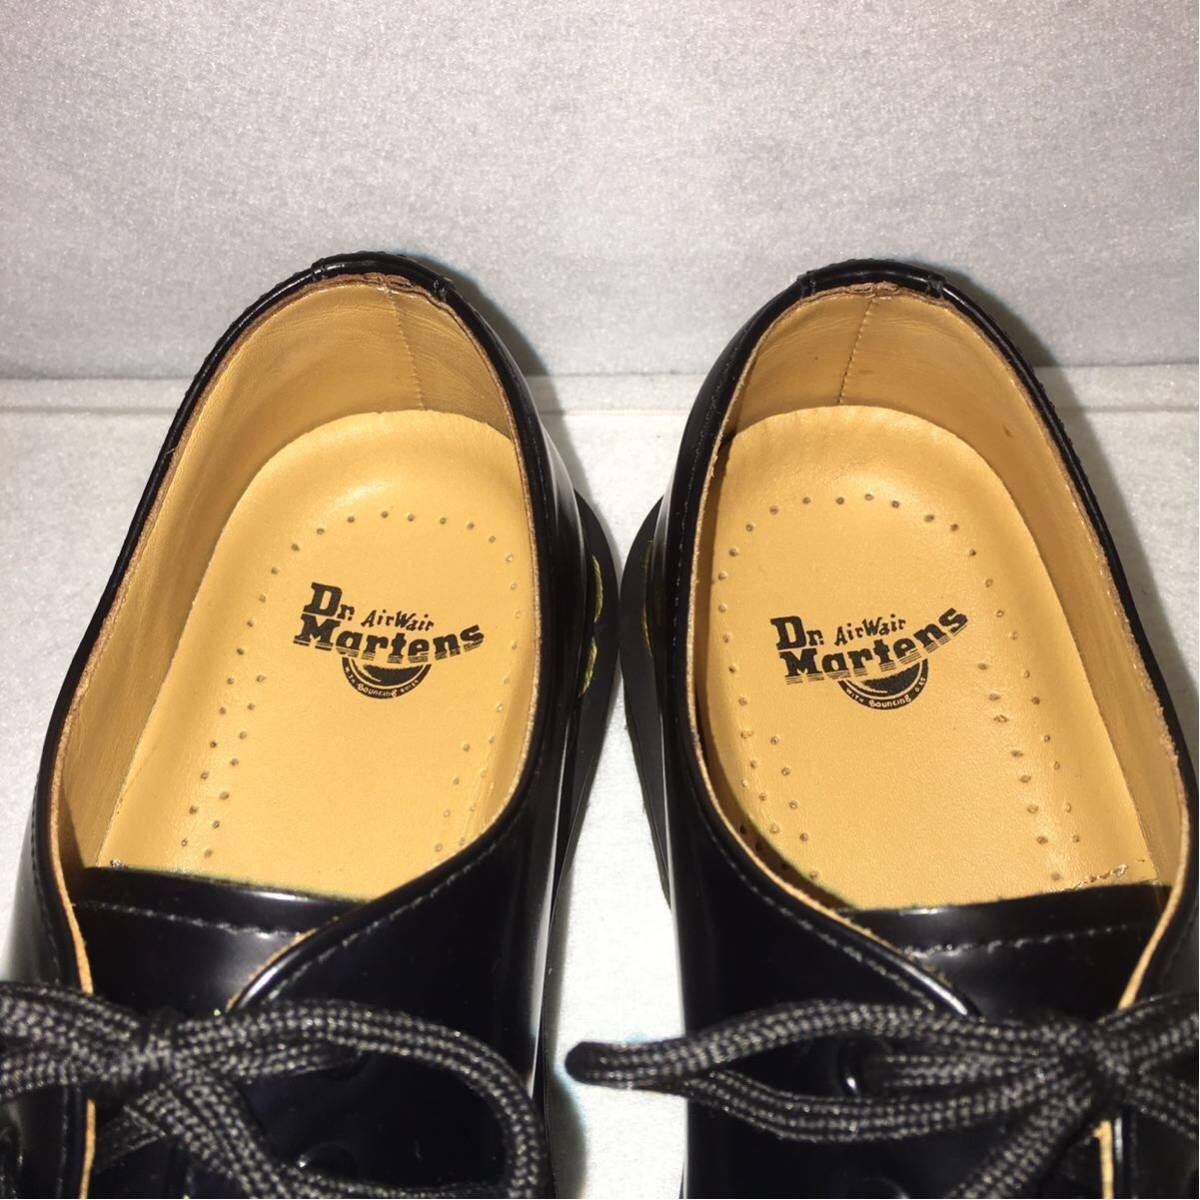 ★Dr.Martens ドクターマーチン 3ホール★UK5(24.0cm)★黒 ブラック★革靴 レザーシューズ★_画像6